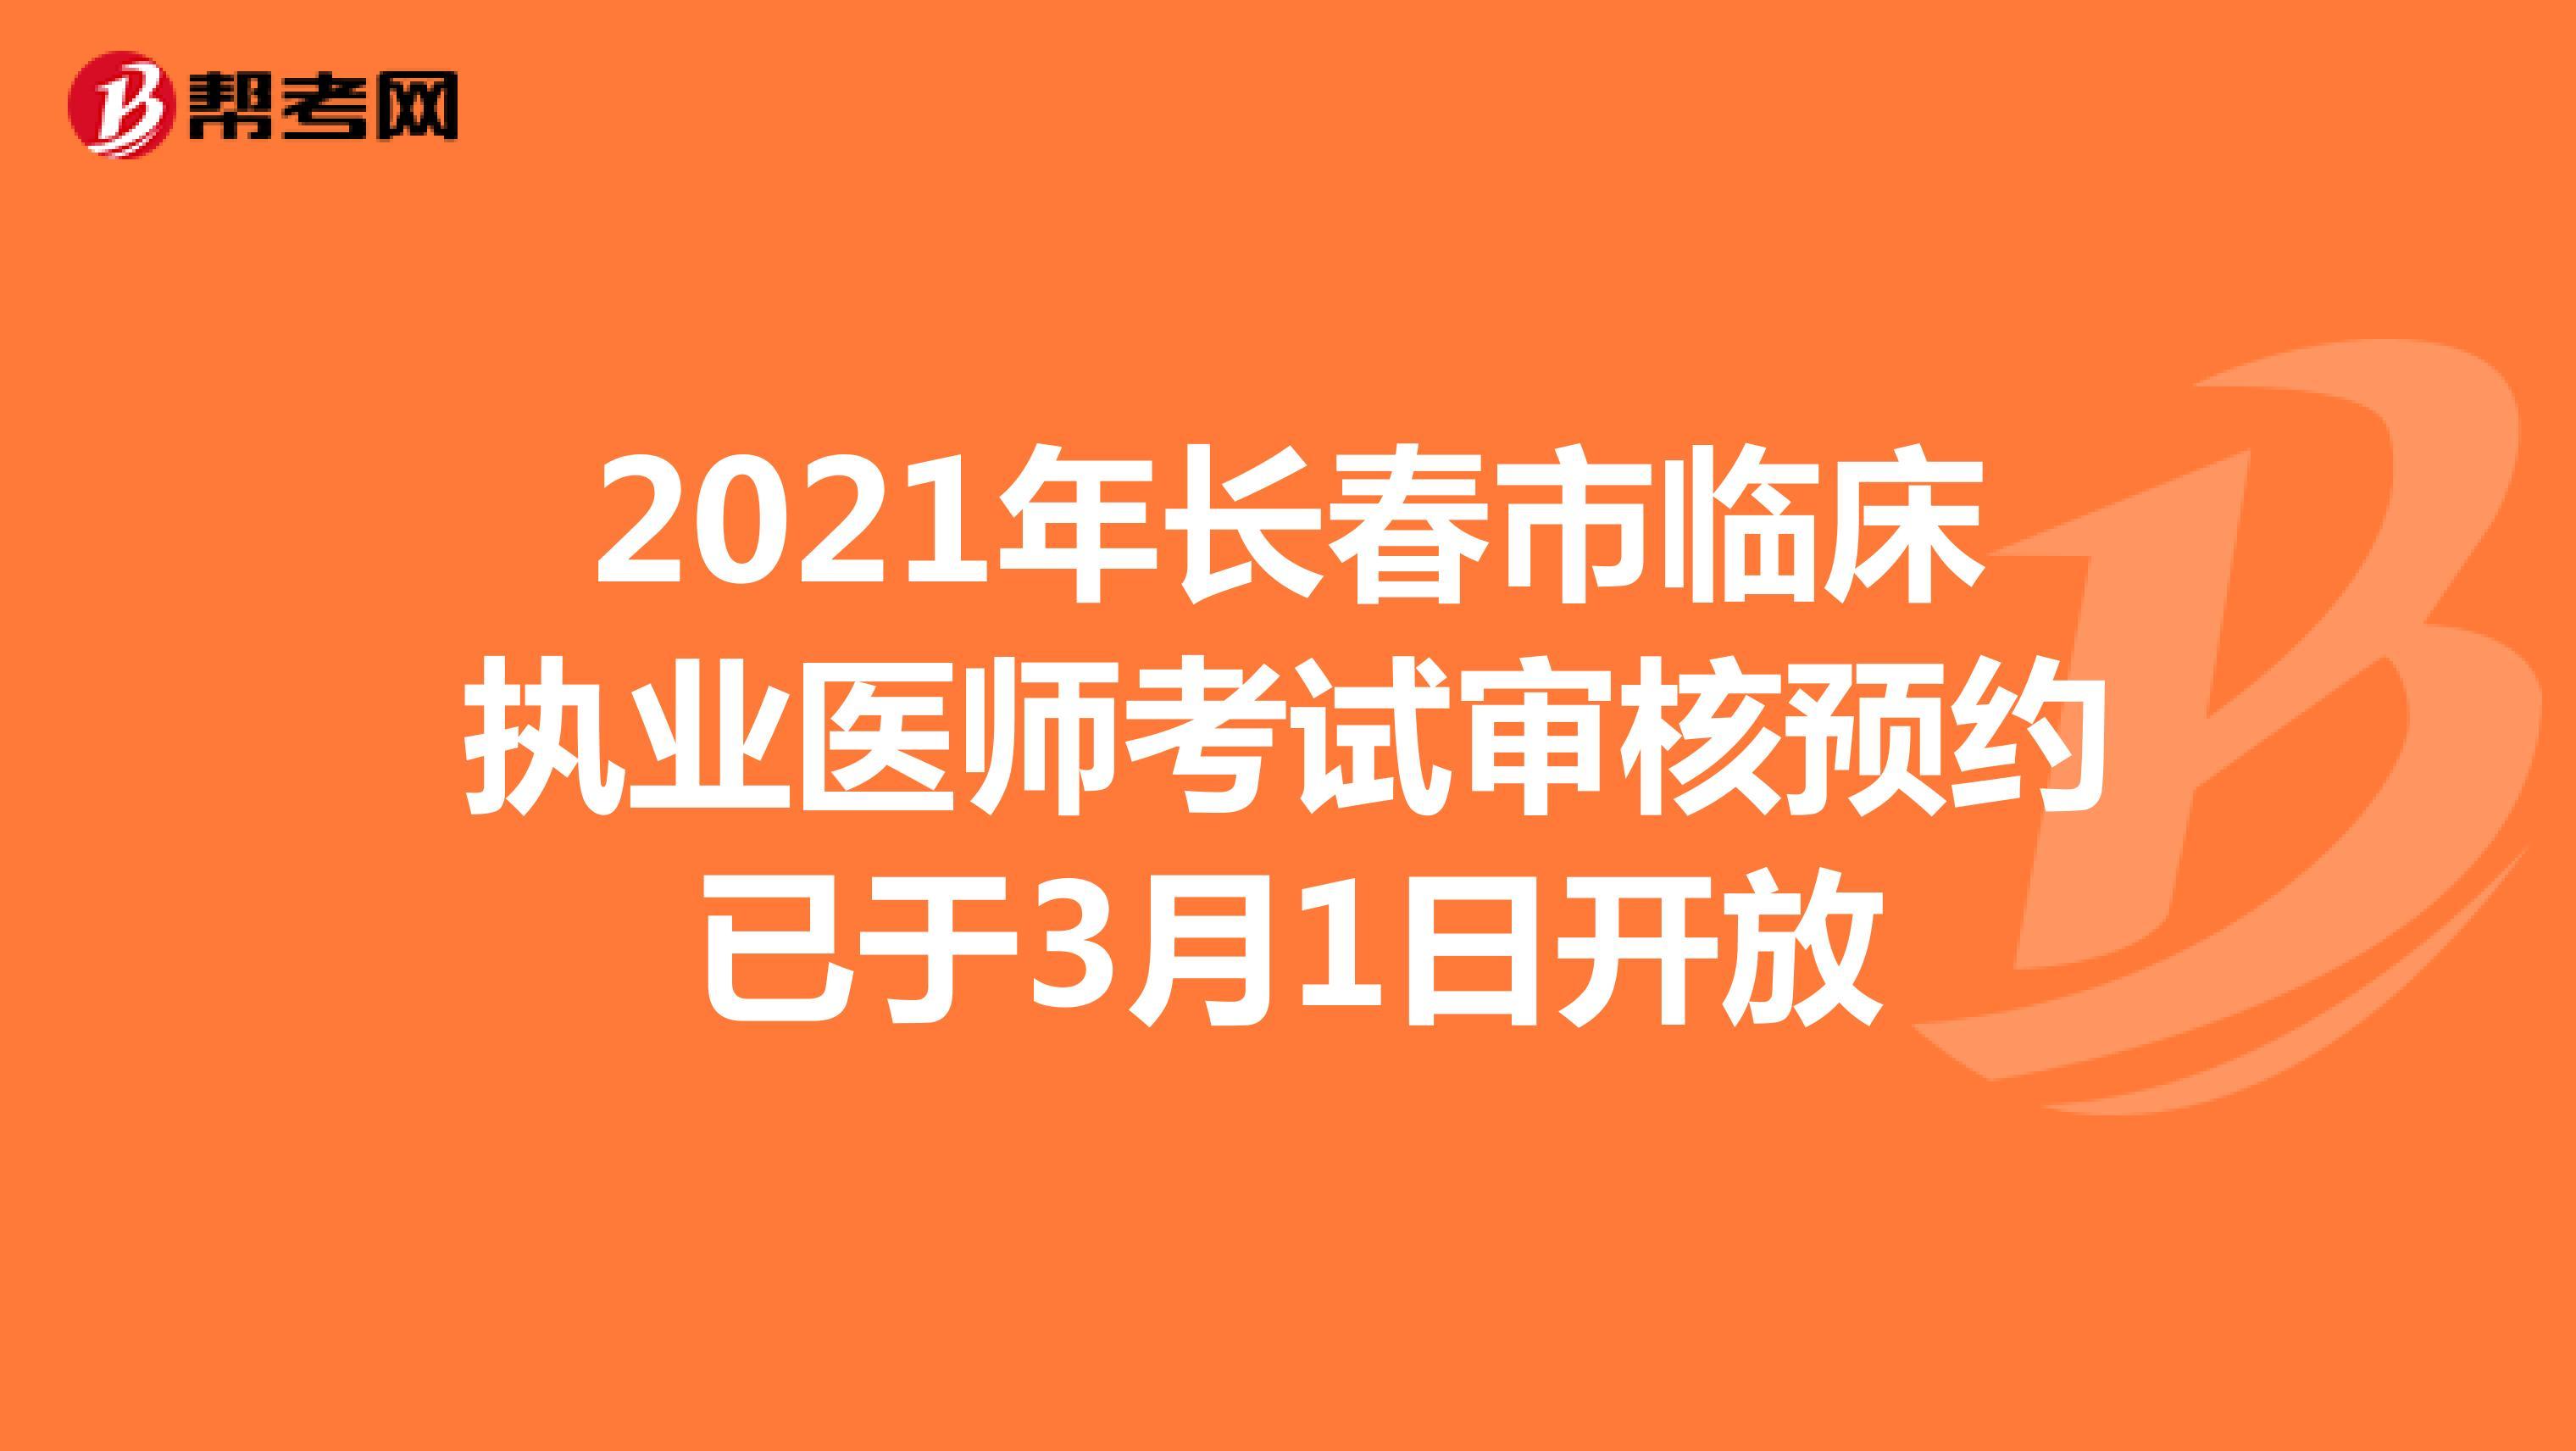 2021年长春市临床执业医师考试审核预约已于3月1日开放